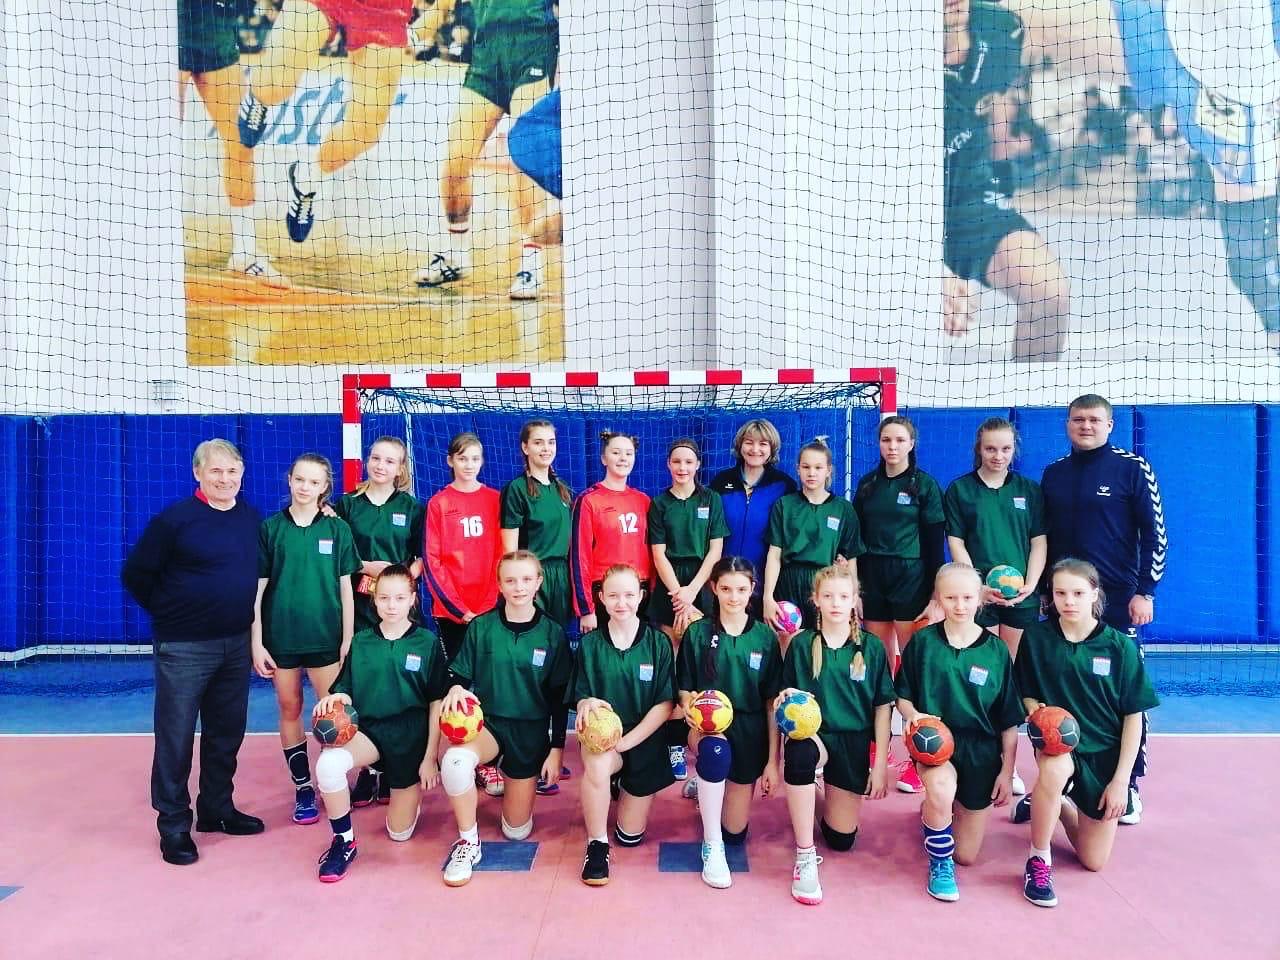 Сборная Ленобласти по гандболу в полуфинале всероссийских соревнований